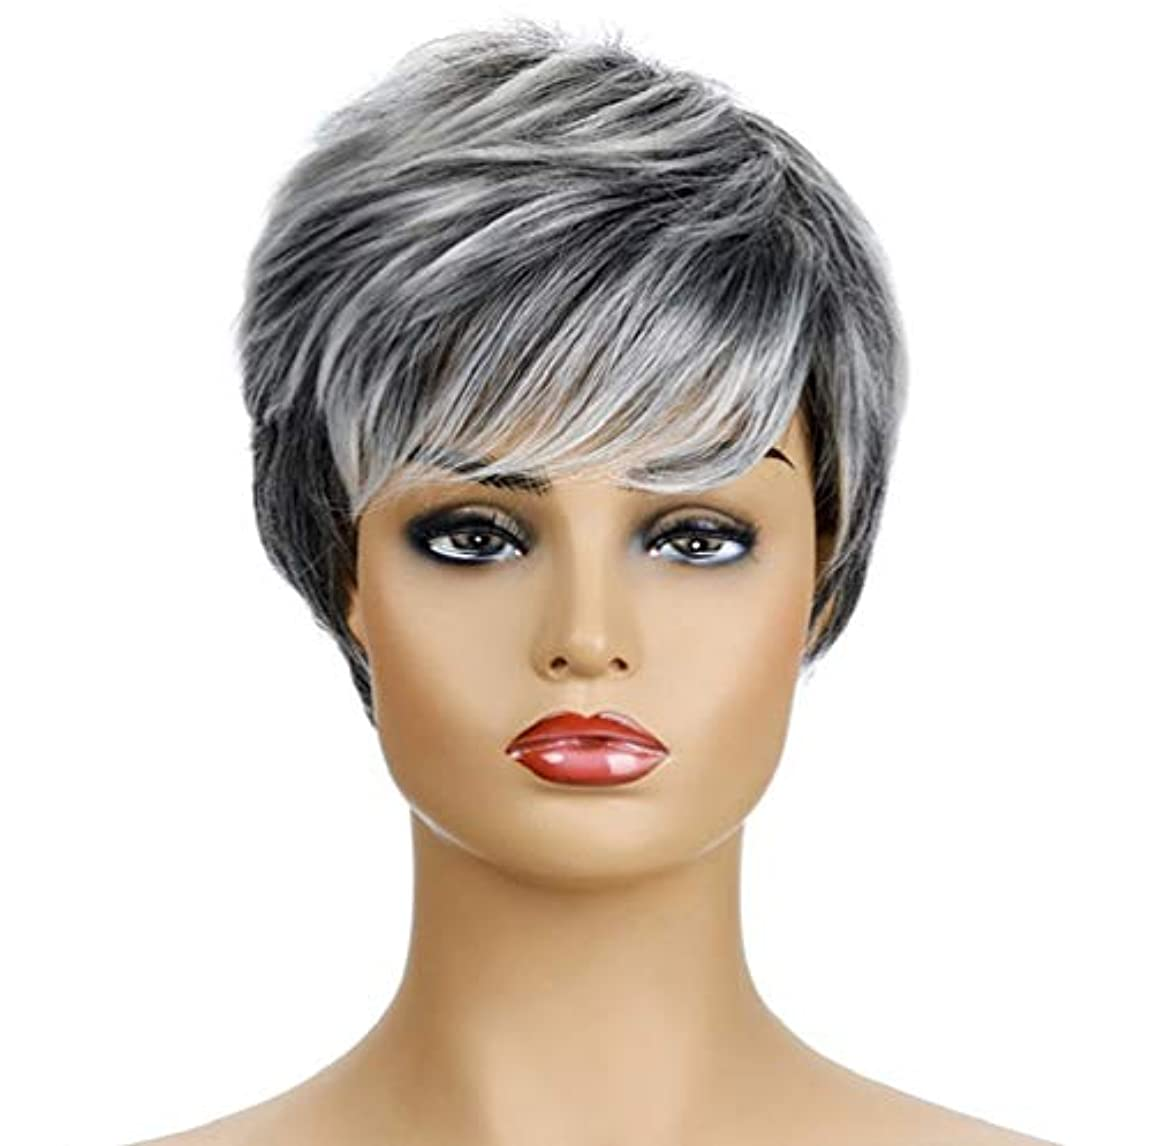 最初に帆回転させる女性150%密度かつら合成耐熱ショートブラジル人毛ウィッグ黒グラデーショングレー25センチ